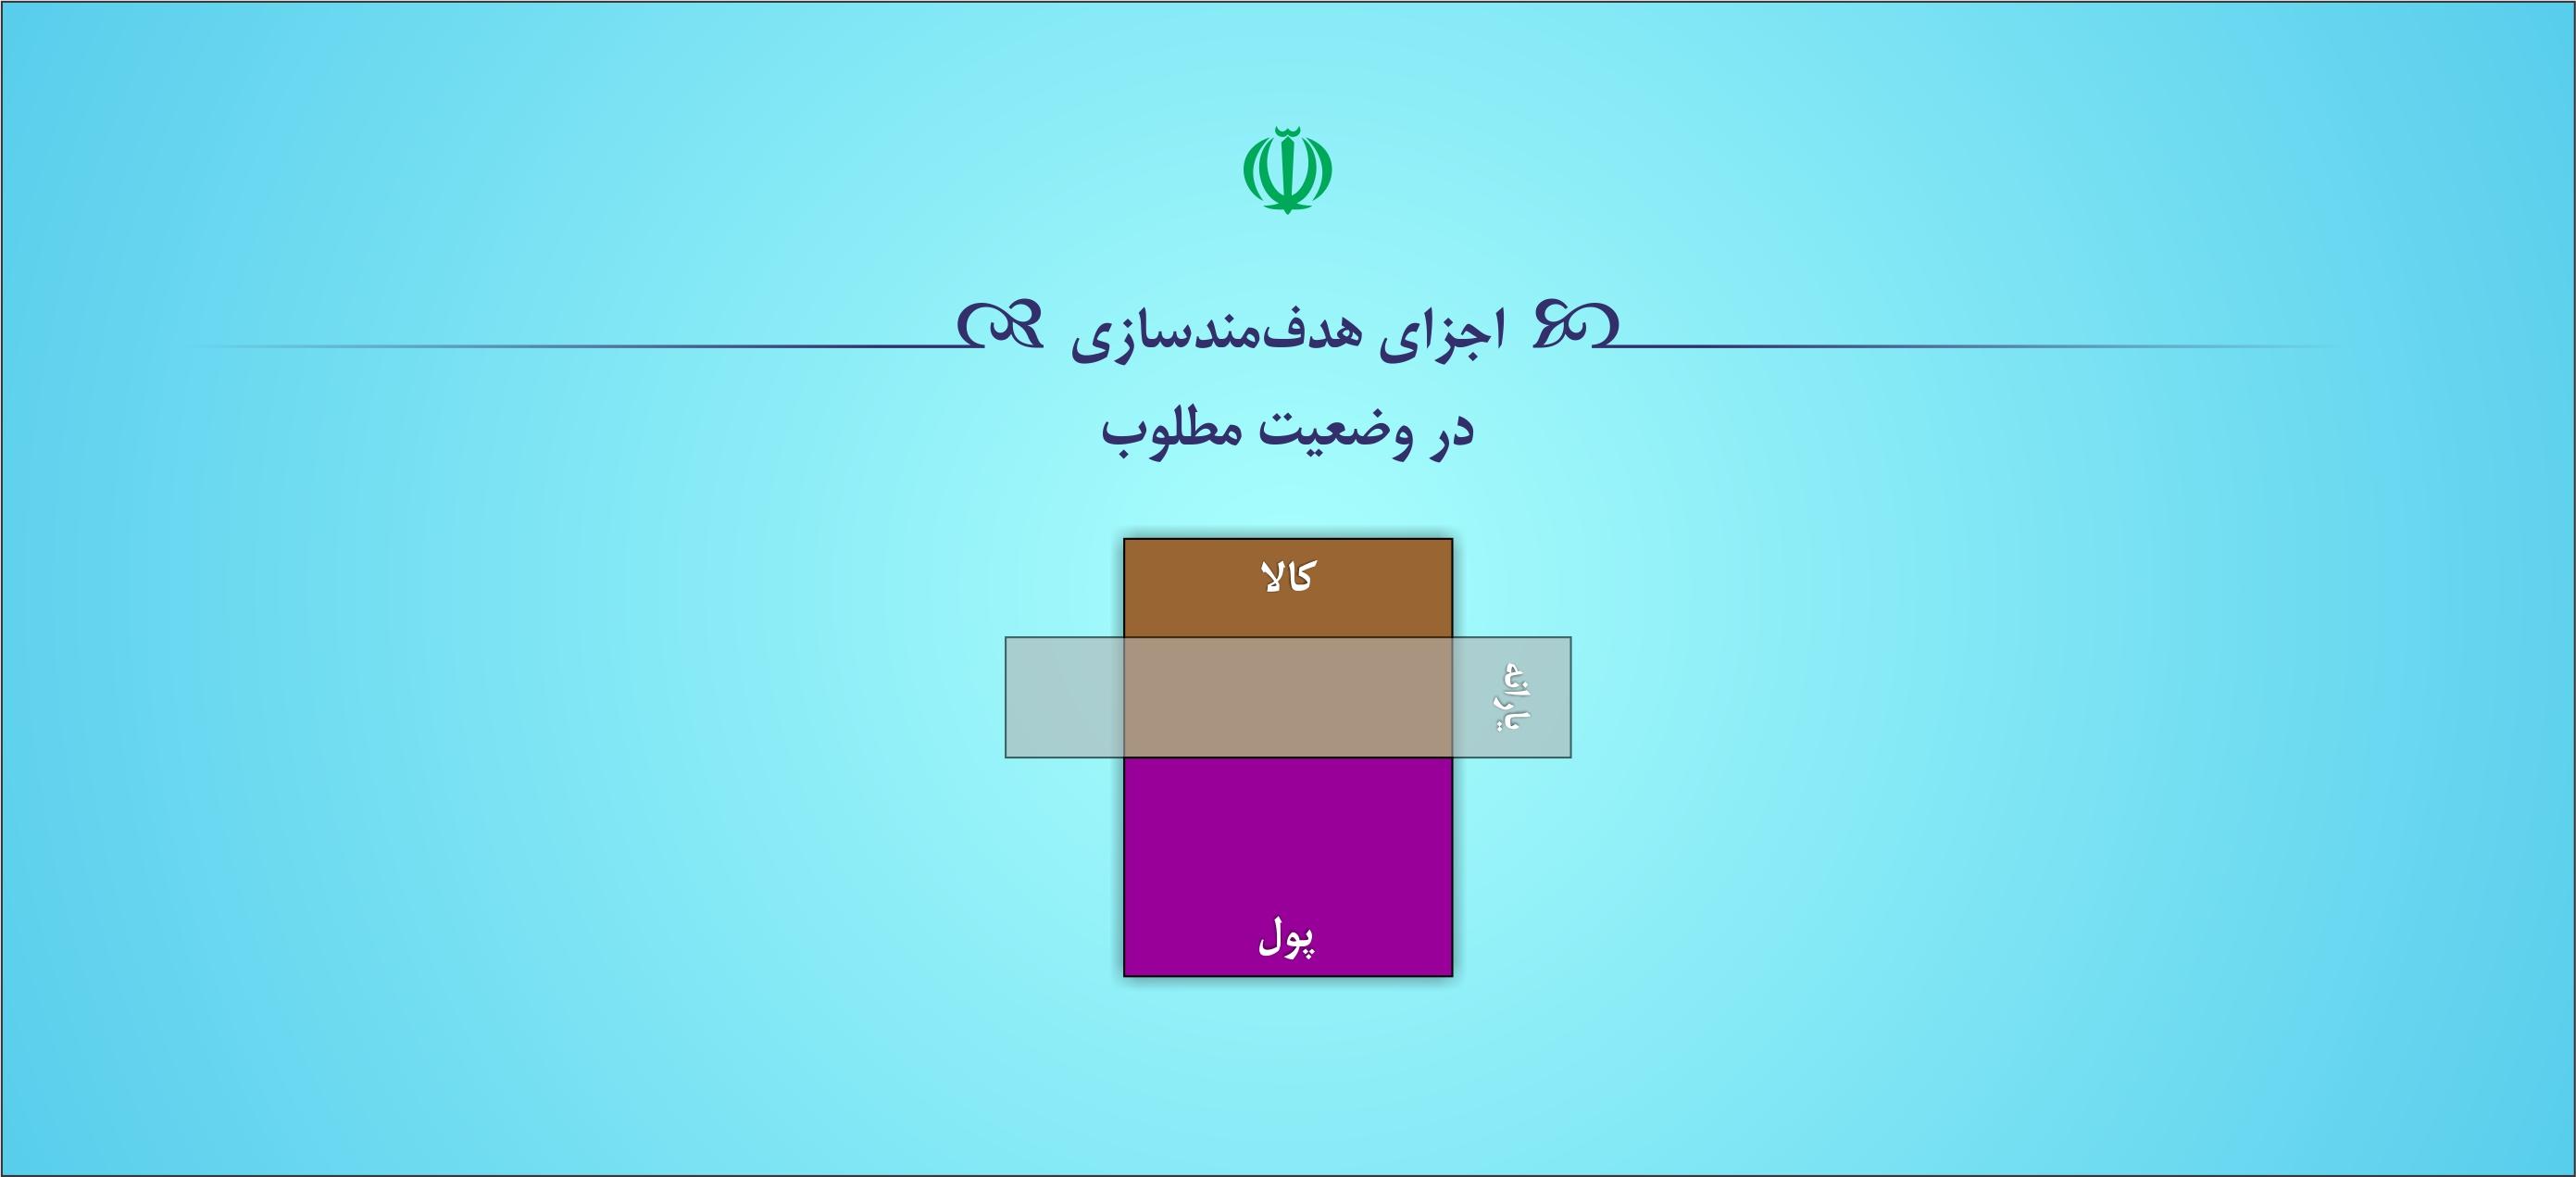 hadafmandi-03-04